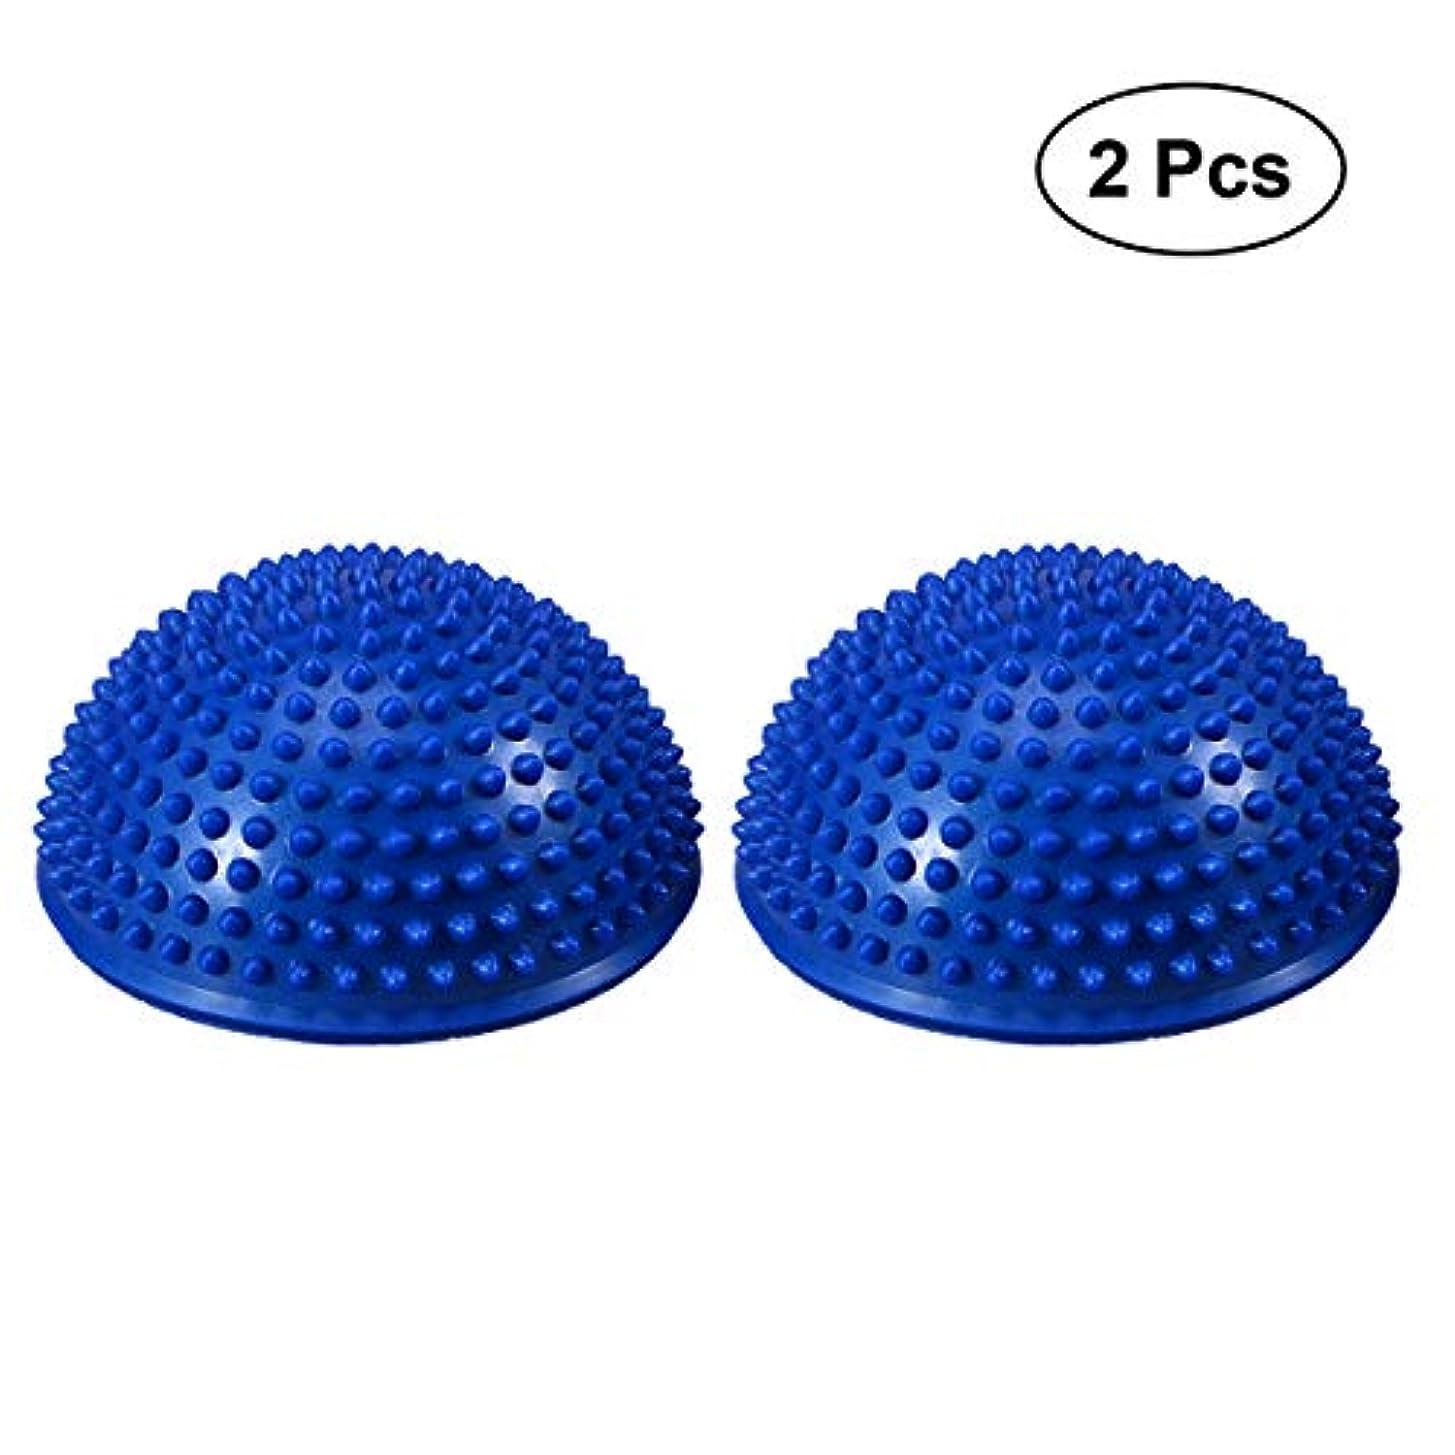 毎回雨櫛VORCOOL 膨張した安定性揺動クッションバランスディスク安定性コアトレーニングのための可動性バランストレーナー物理的リハビリテーションヨガエクササイズ(ブルー)